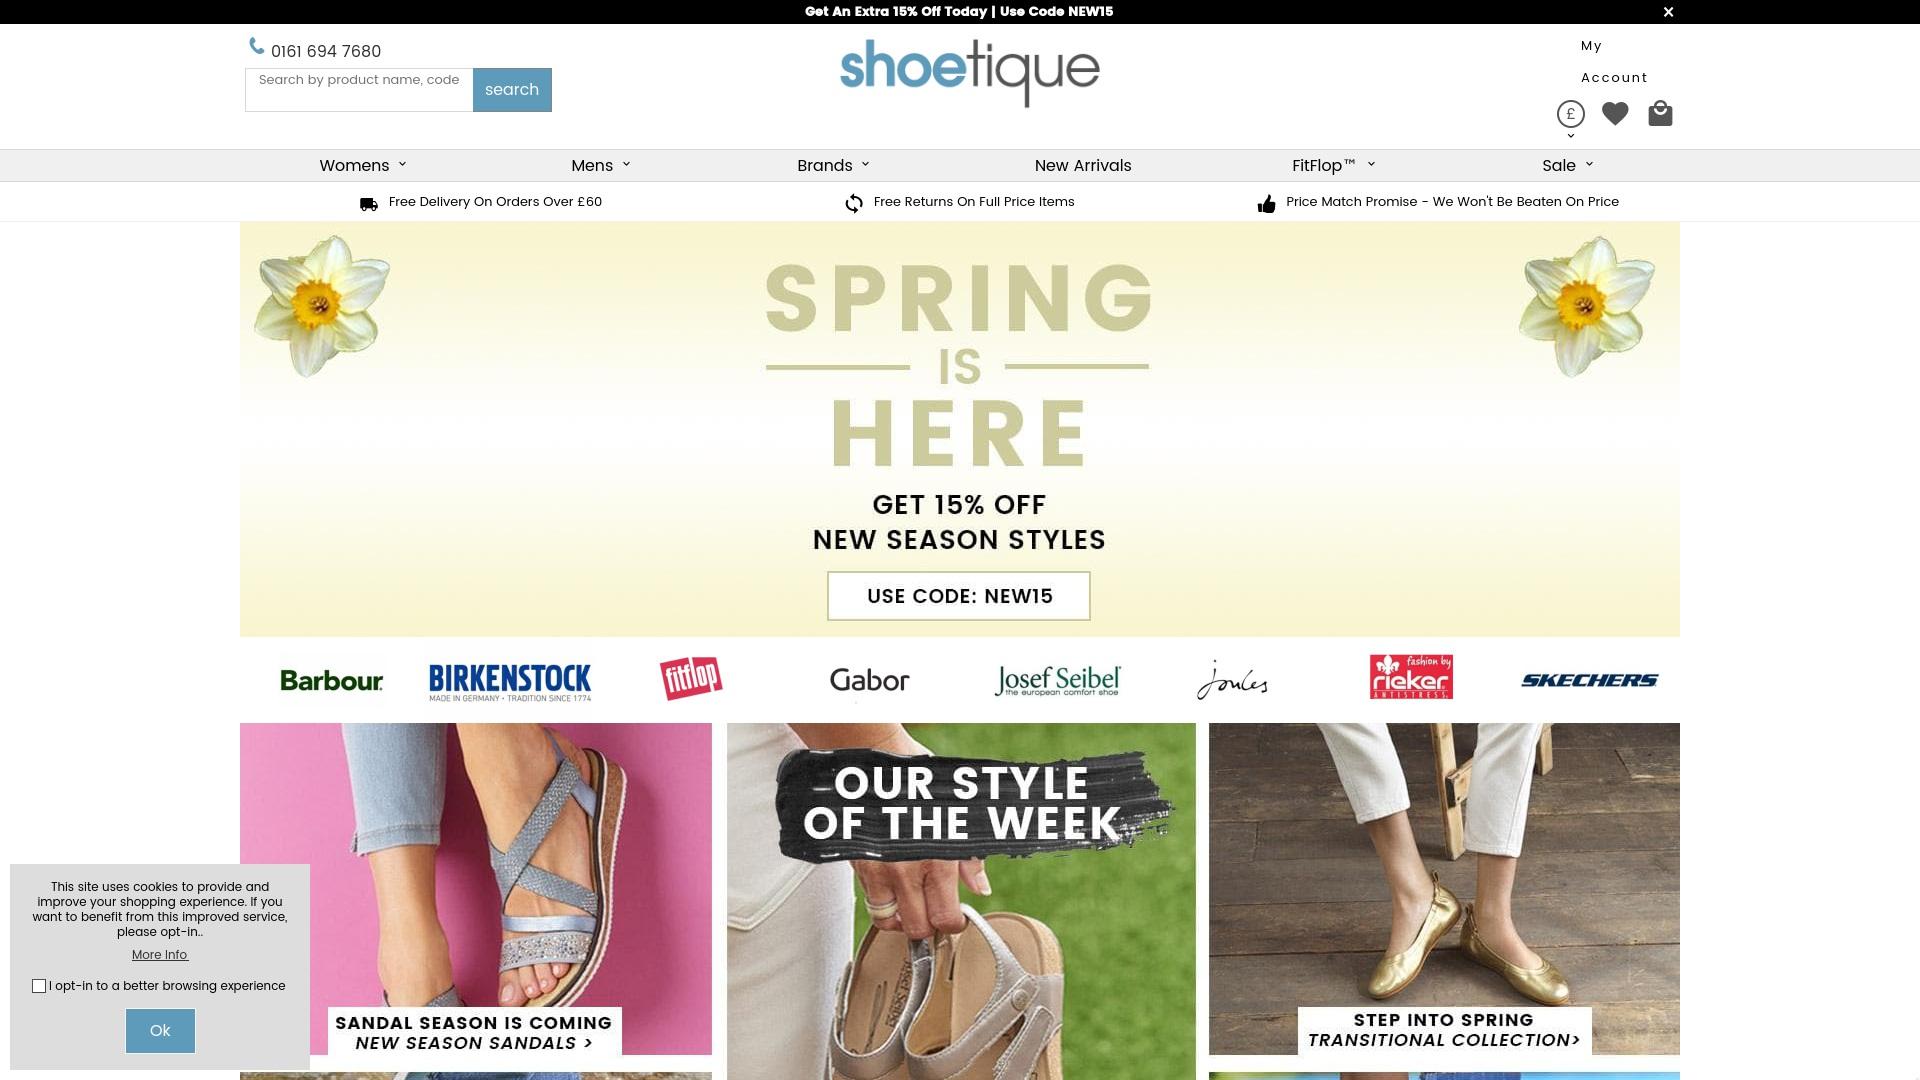 Gutschein für Shoetique: Rabatte für  Shoetique sichern